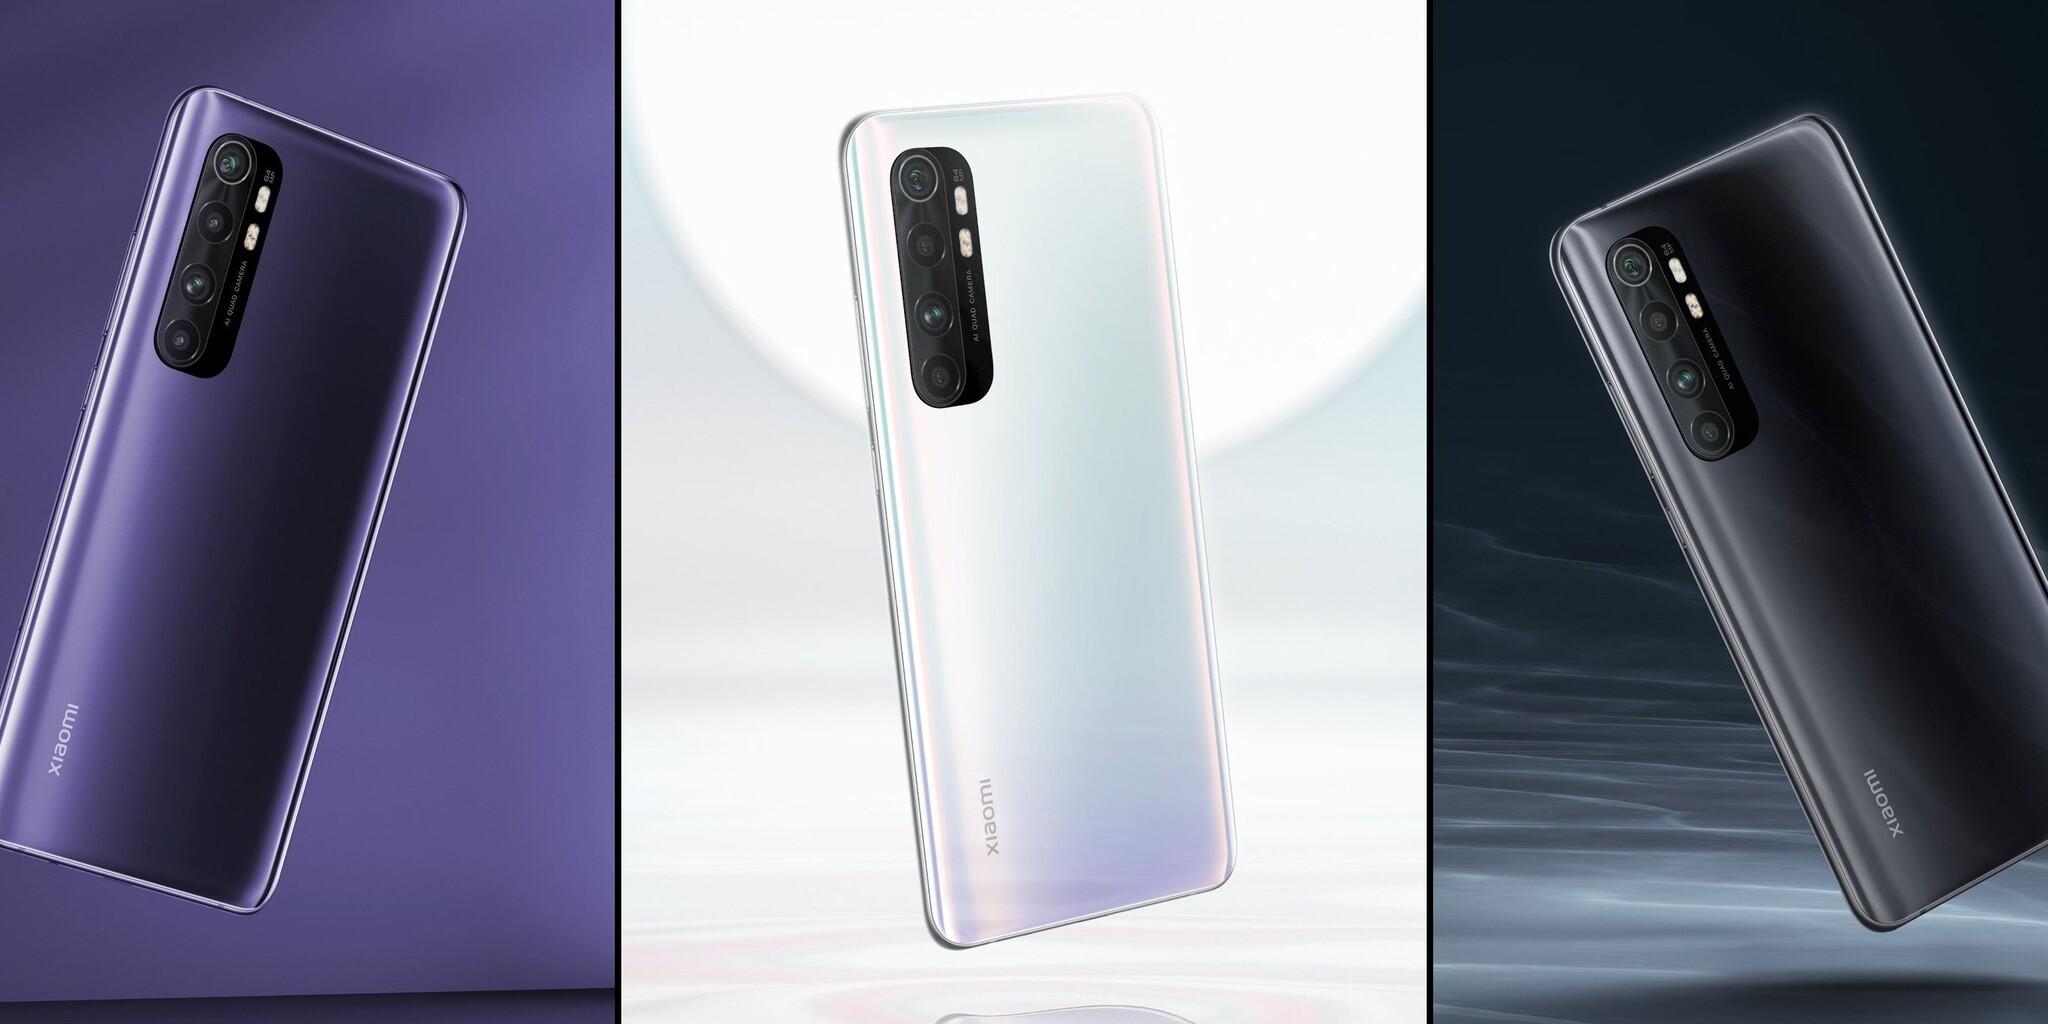 Xiaomi Mi Note 10 Lite: ficha técnica y comparativa ¿conviene comprarlo?